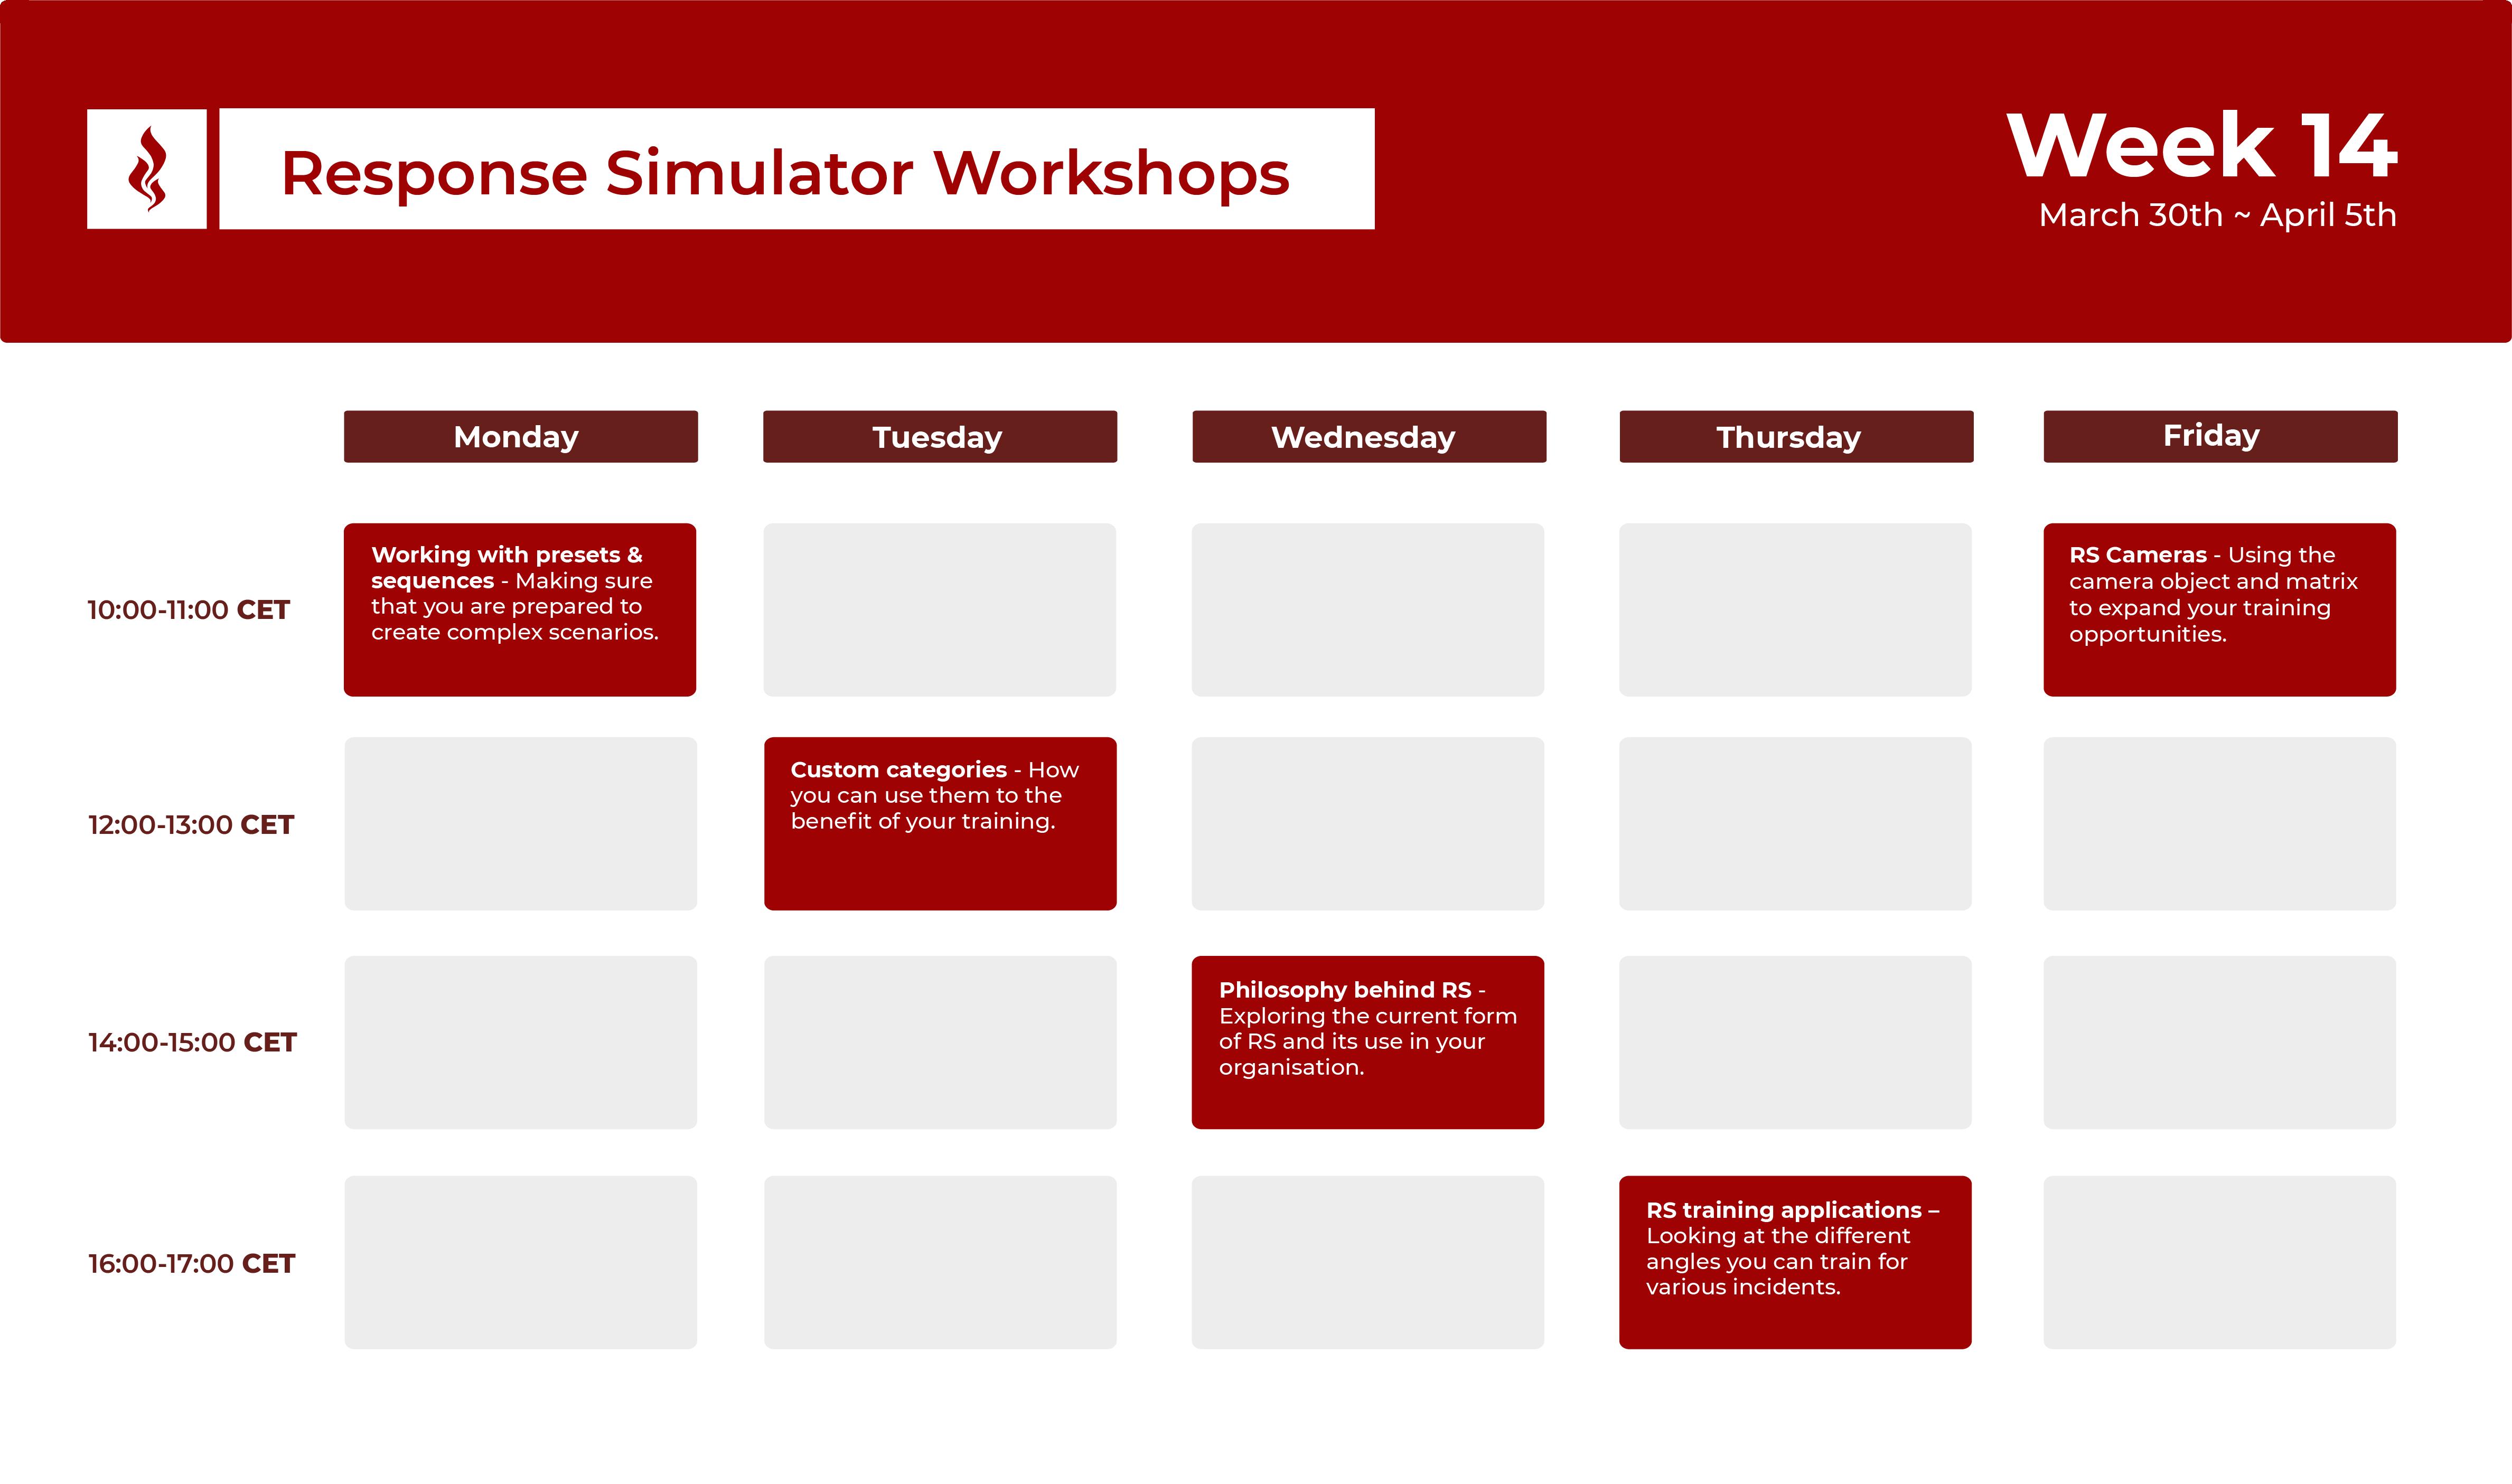 Response Simulator Workshops - Week 14